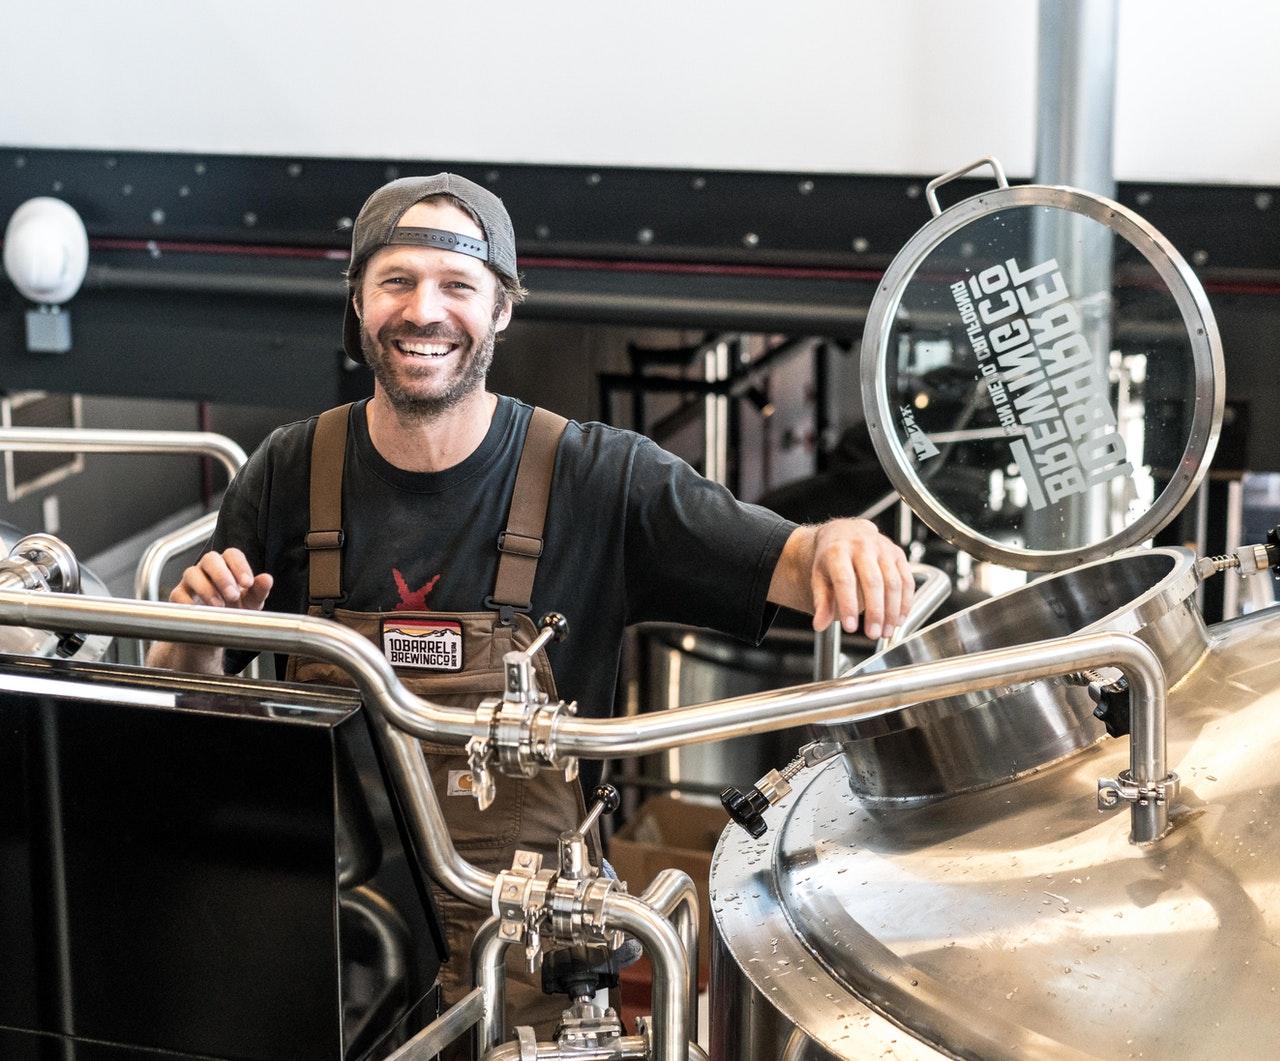 Bekendheid vergroten als brouwerij? Ga voor slimme promotie